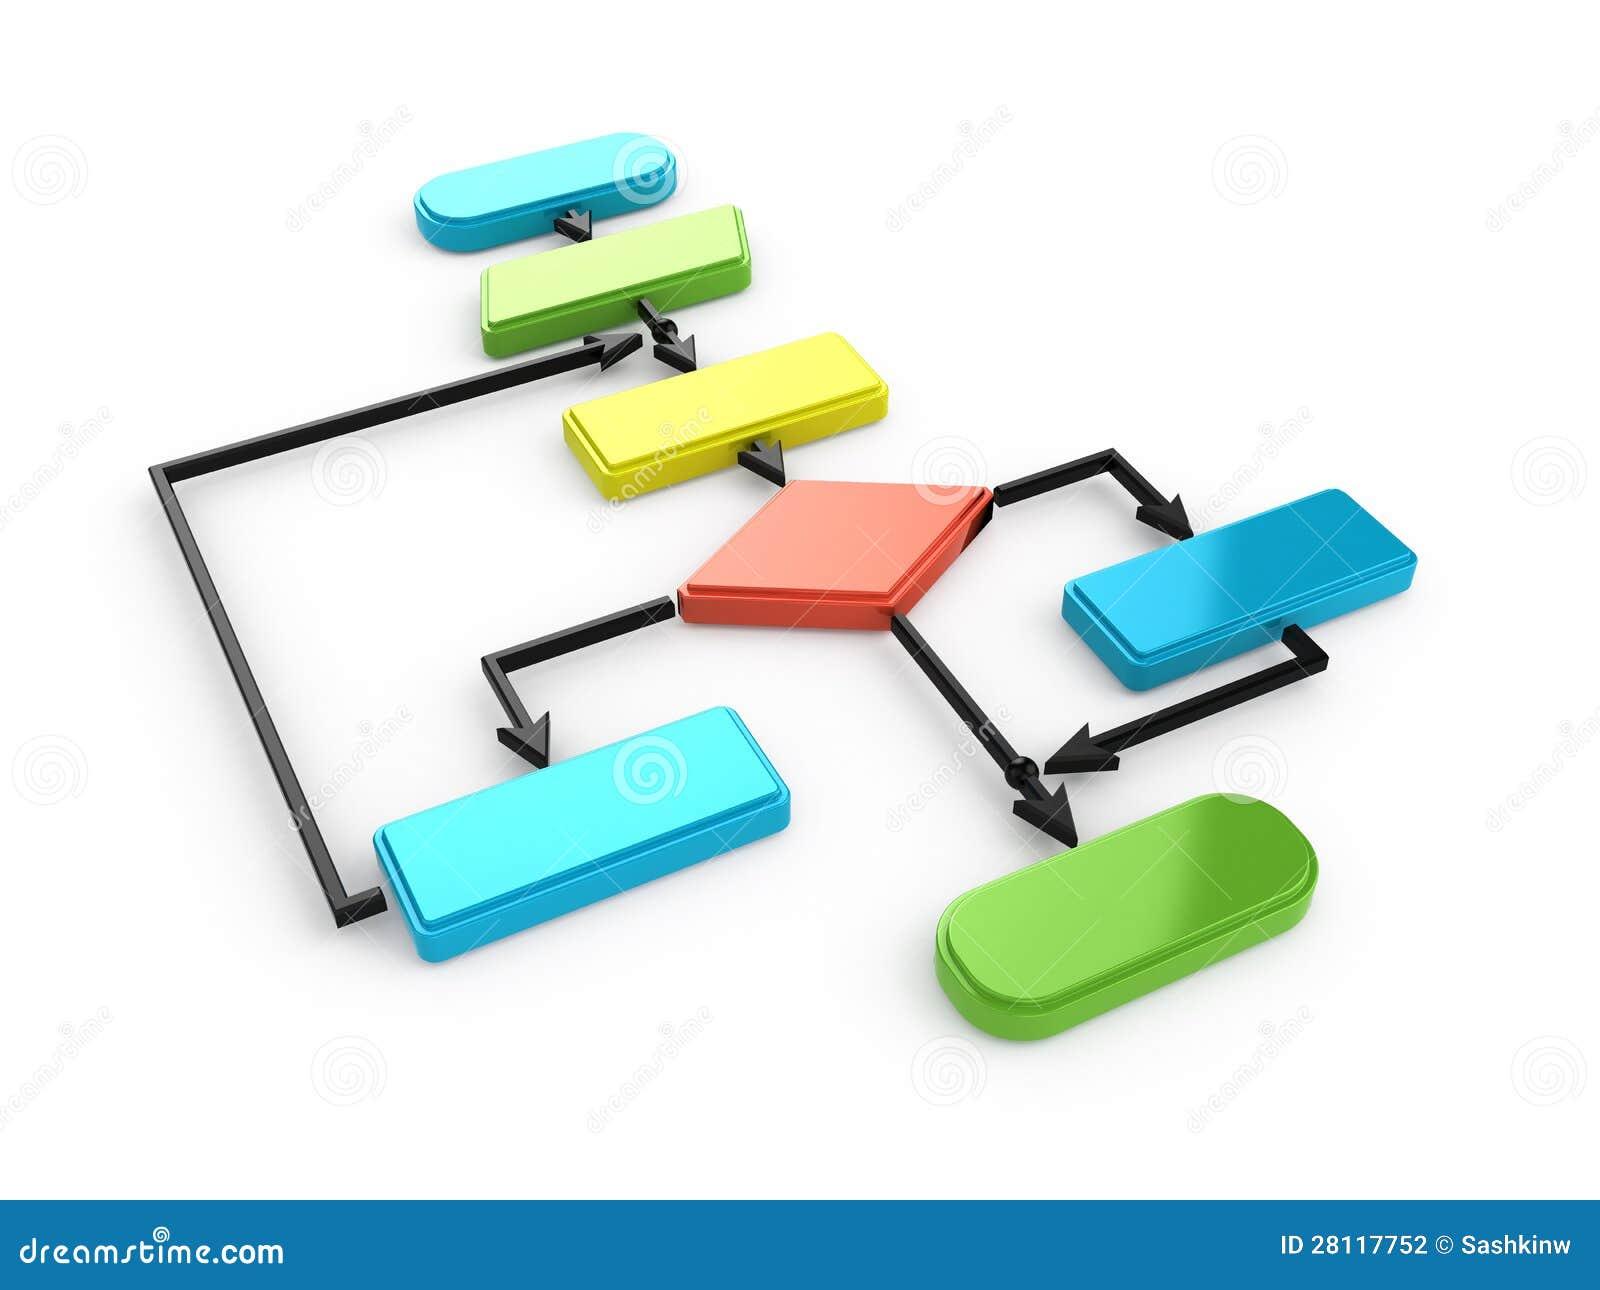 流程图绘制